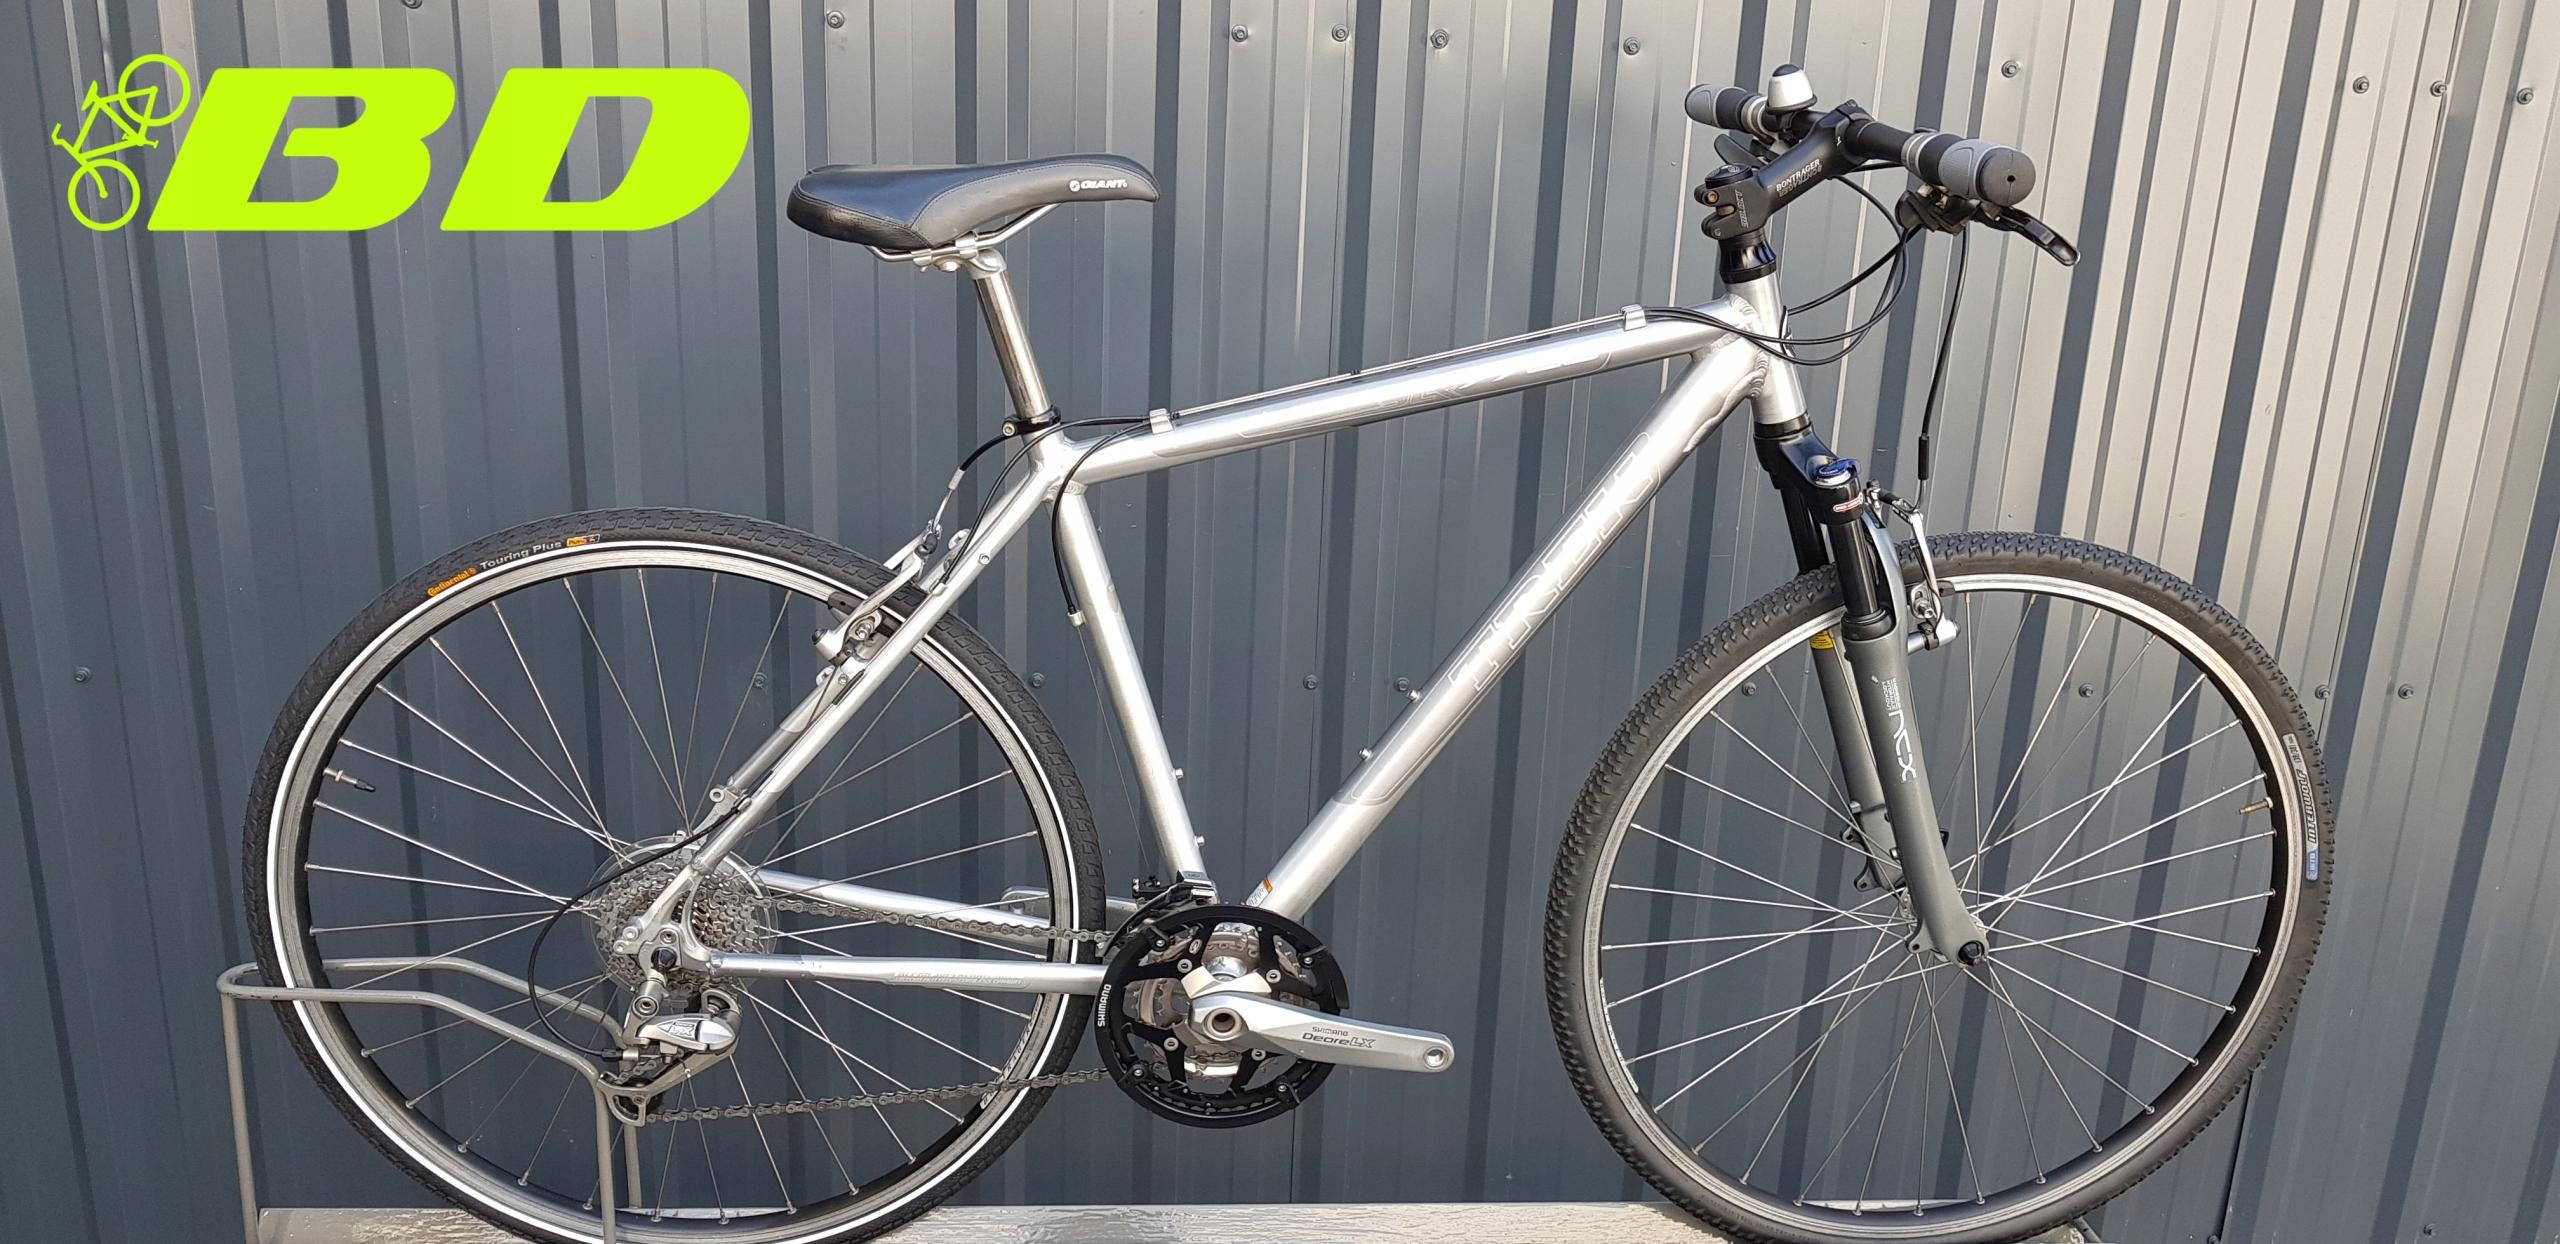 BDrowery TREK 7700 SLR 3x9 LX 51cm (148)